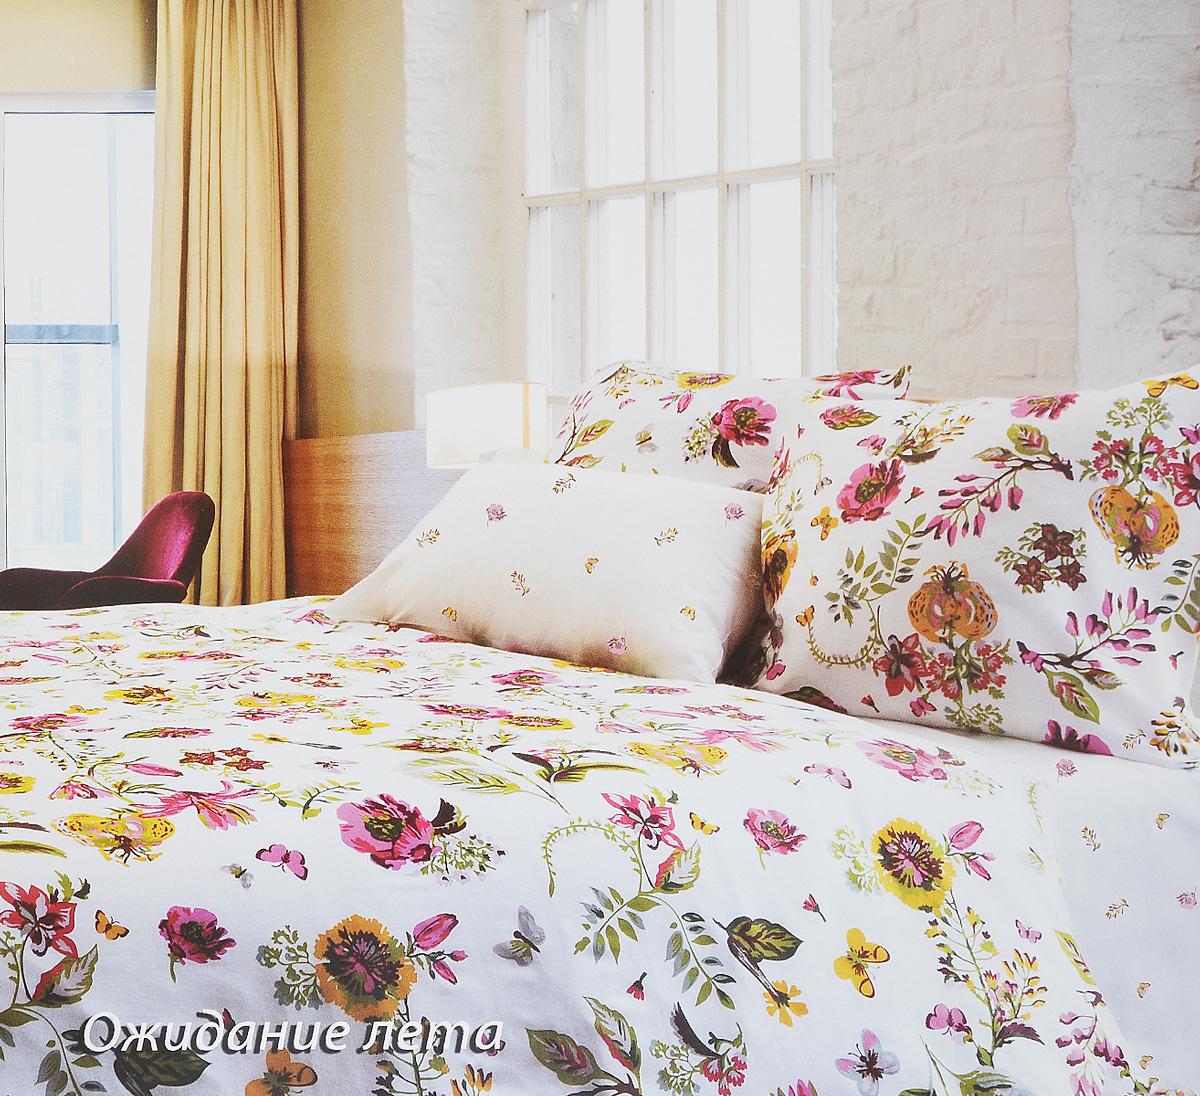 Комплект белья Tiffanys Secret Ожидание лета, 1,5-спальный, наволочки 50х70, цвет: белый, розовый, желтыйCA-3505Комплект постельного белья Tiffanys Secret Ожидание лета является экологически безопасным для всей семьи, так как выполнен из сатина (100% хлопок). Комплект состоит из пододеяльника, простыни и двух наволочек. Предметы комплекта оформлены оригинальным рисунком.Благодаря такому комплекту постельного белья вы сможете создать атмосферу уюта и комфорта в вашей спальне.Сатин - это ткань, навсегда покорившая сердца человечества. Ценившие роскошь персы называли ее атлас, а искушенные в прекрасном французы - сатин. Секрет высококачественного сатина в безупречности всего технологического процесса. Эту благородную ткань делают только из отборной натуральной пряжи, которую получают из самого лучшего тонковолокнистого хлопка. Благодаря использованию самой тонкой хлопковой нити получается необычайно мягкое и нежное полотно. Сатиновое постельное белье превращает жаркие летние ночи в прохладные и освежающие, а холодные зимние - в теплые и согревающие. Сатин очень приятен на ощупь, постельное белье из него долговечно, выдерживает более 300 стирок, и лишь спустя долгое время материал начинает немного тускнеть. Оцените все достоинства постельного белья из сатина, выбирая самое лучшее для себя!